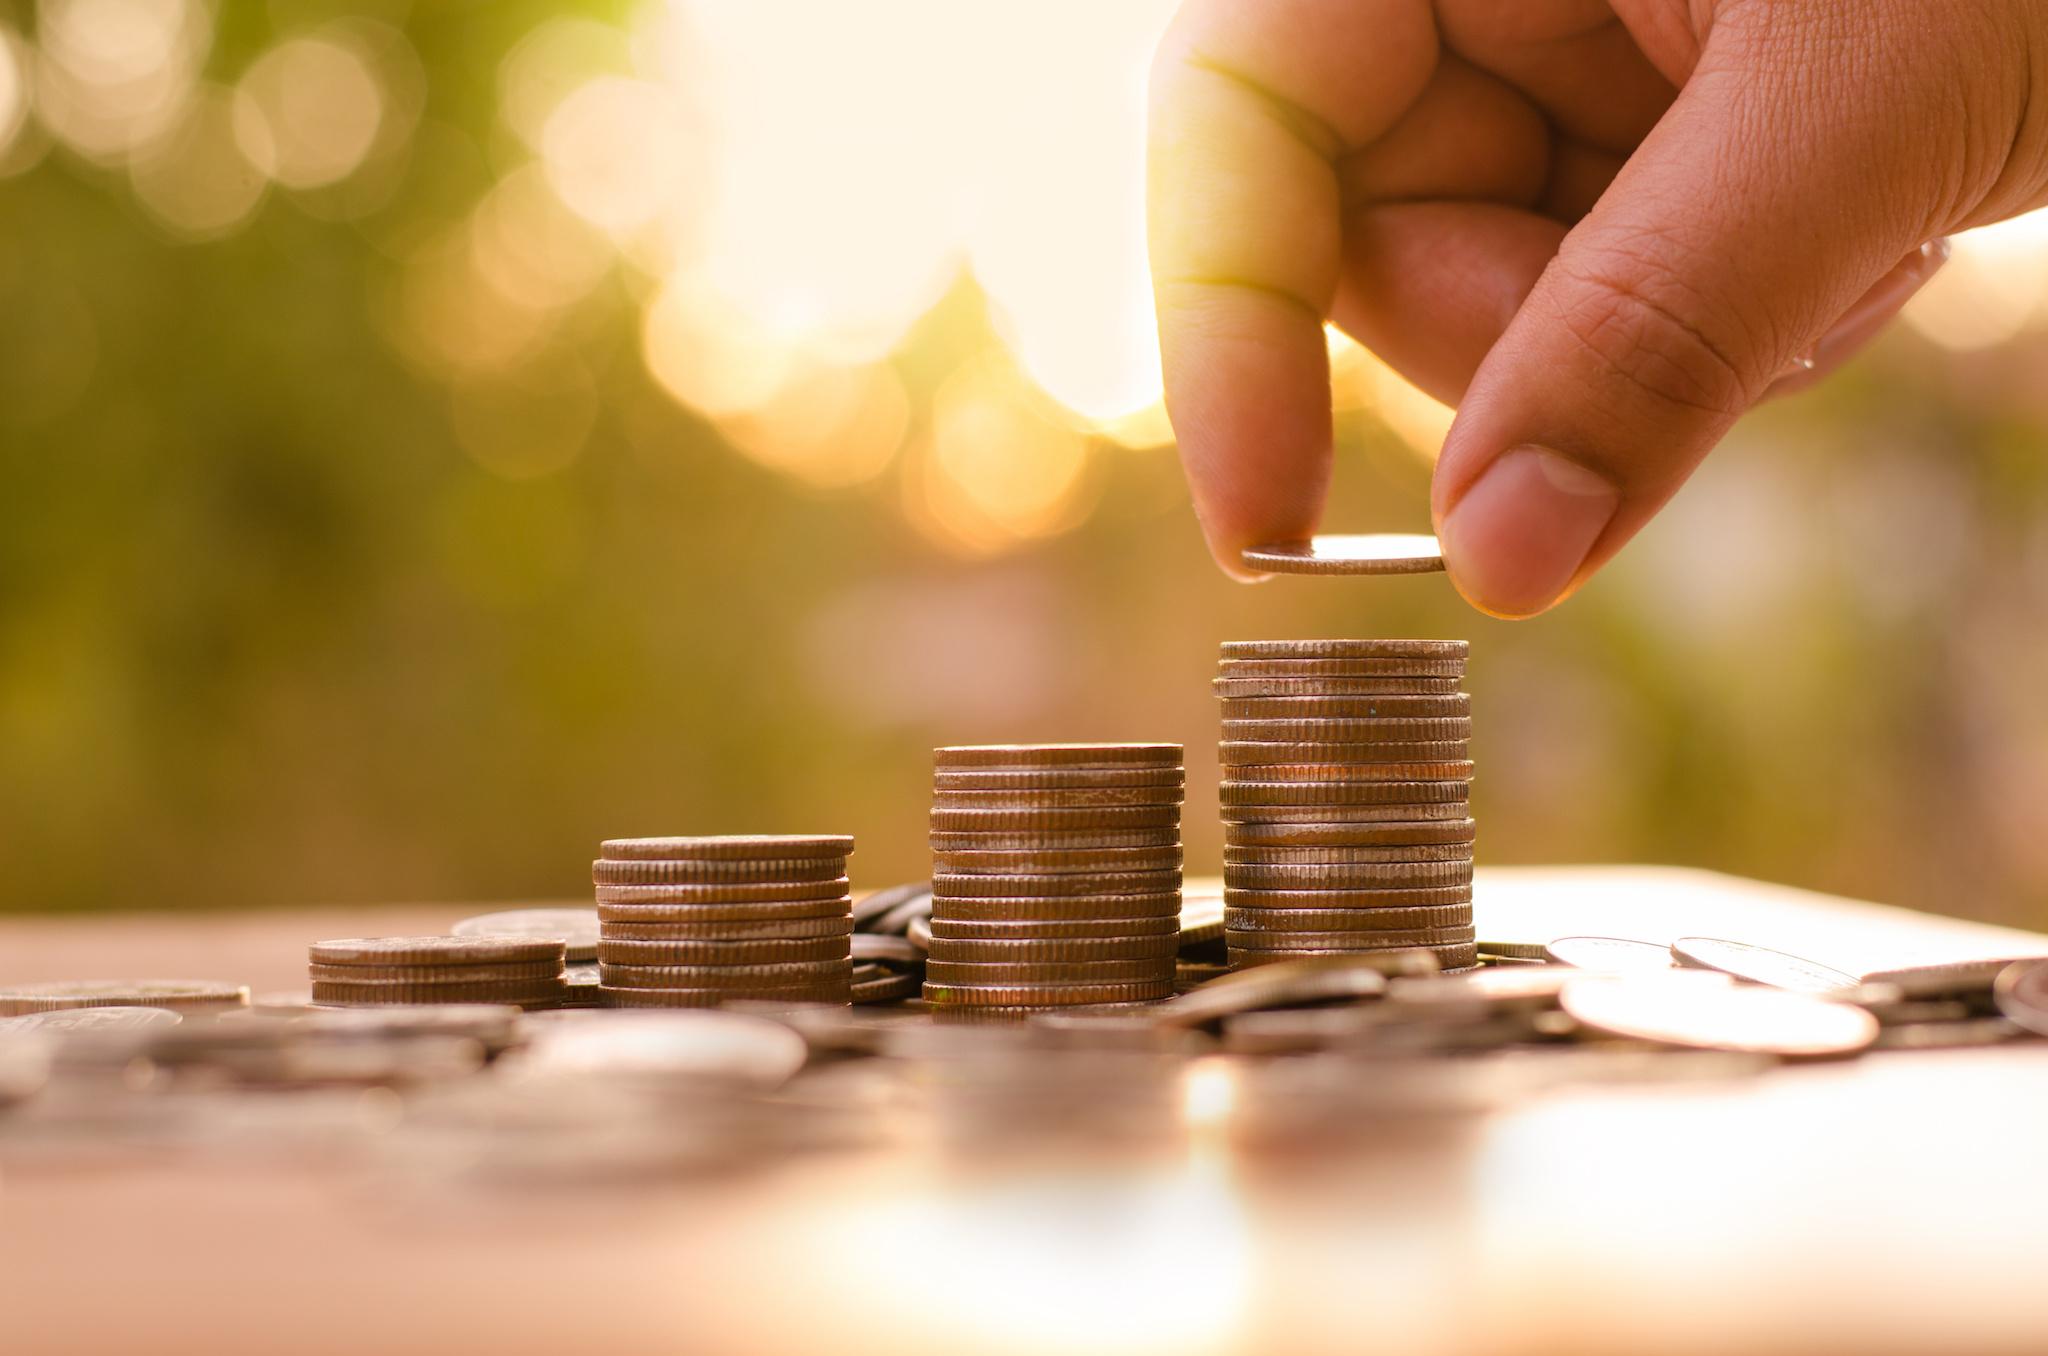 Umsatz und Gewinn: Wieviel verdienen Sie wirklich?